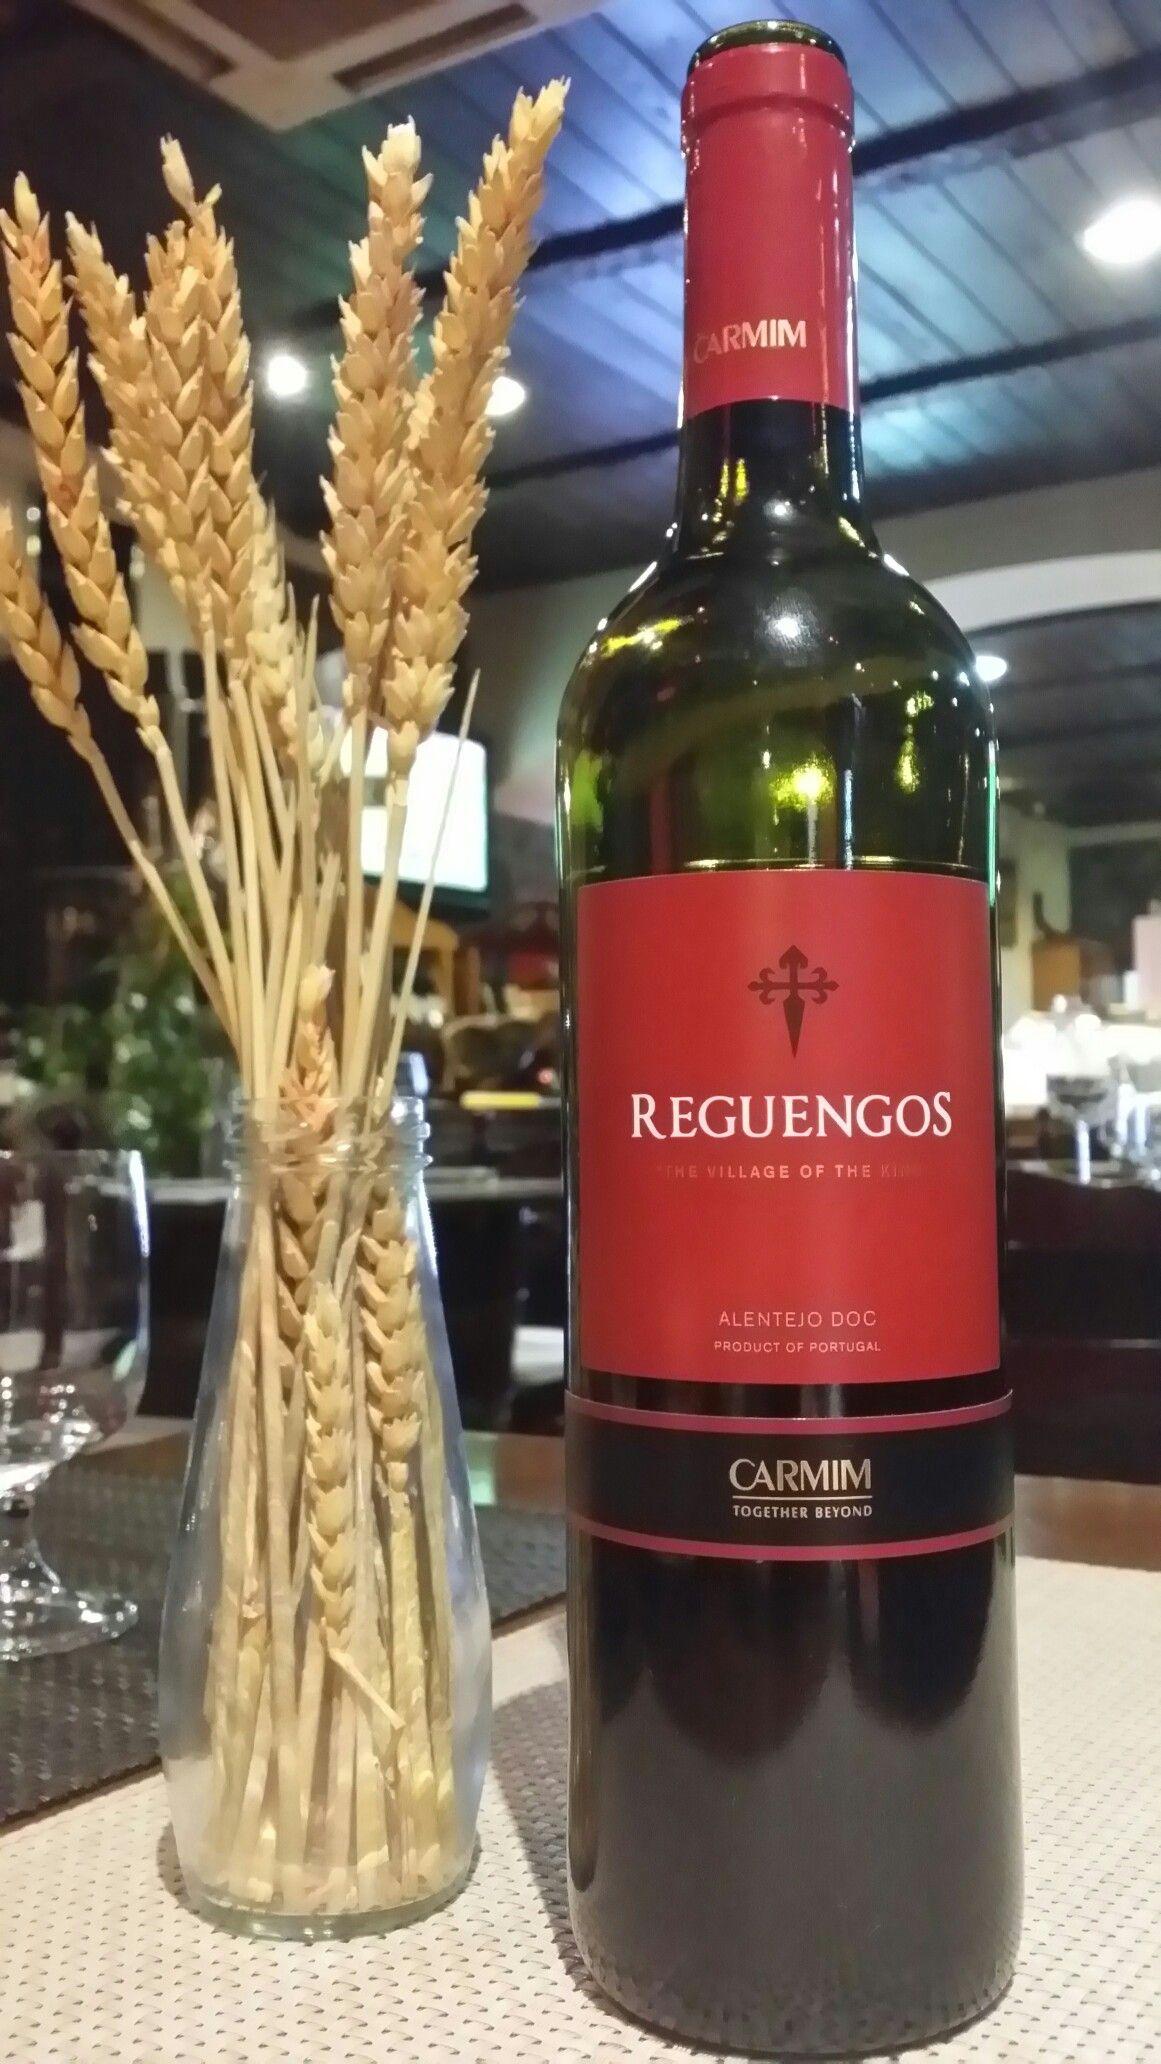 Red Wine Carmim Reguengos Doc Alentejo Tudo Sobre Vinhos Wine Vinhos